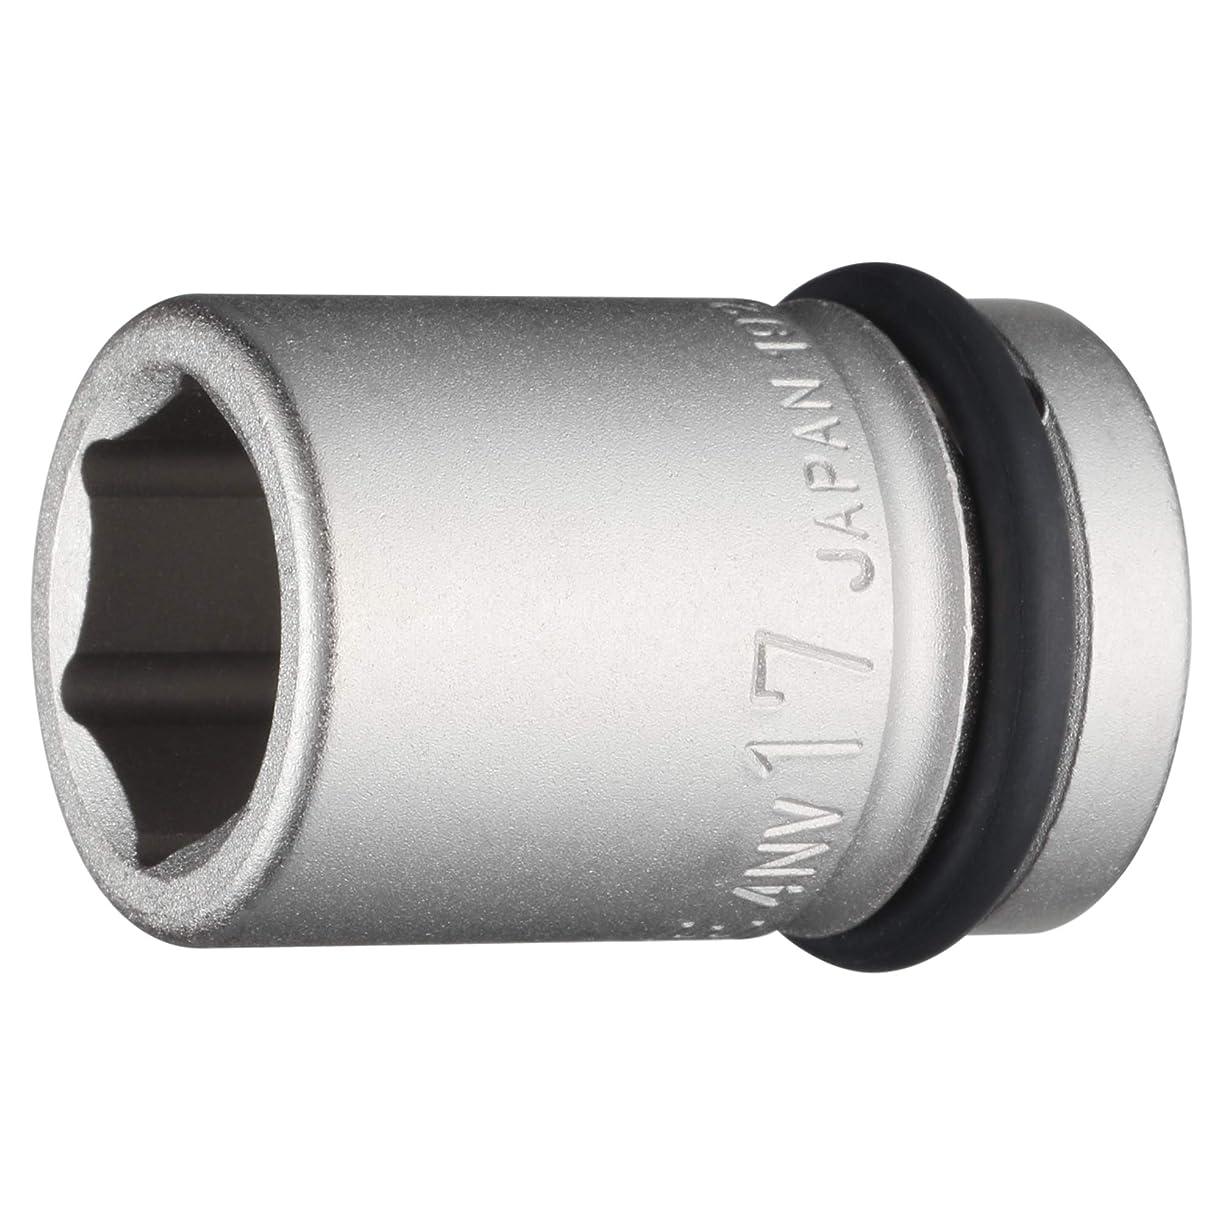 音声学進行中背の高いトネ(TONE) インパクト用ソケット 差込角12.7mm(1/2